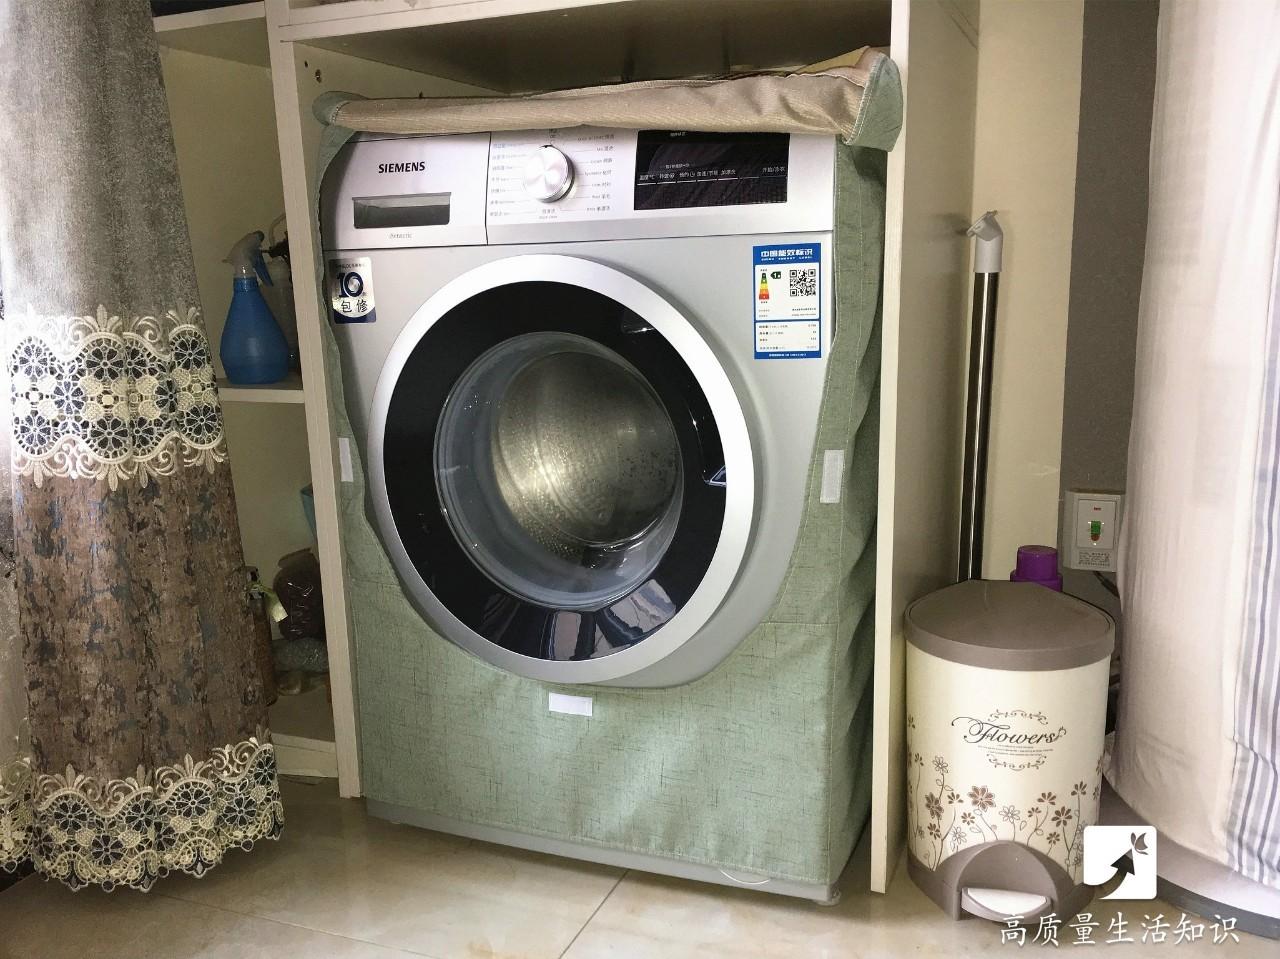 常识:洗衣机盖子是开着好还是关着好?